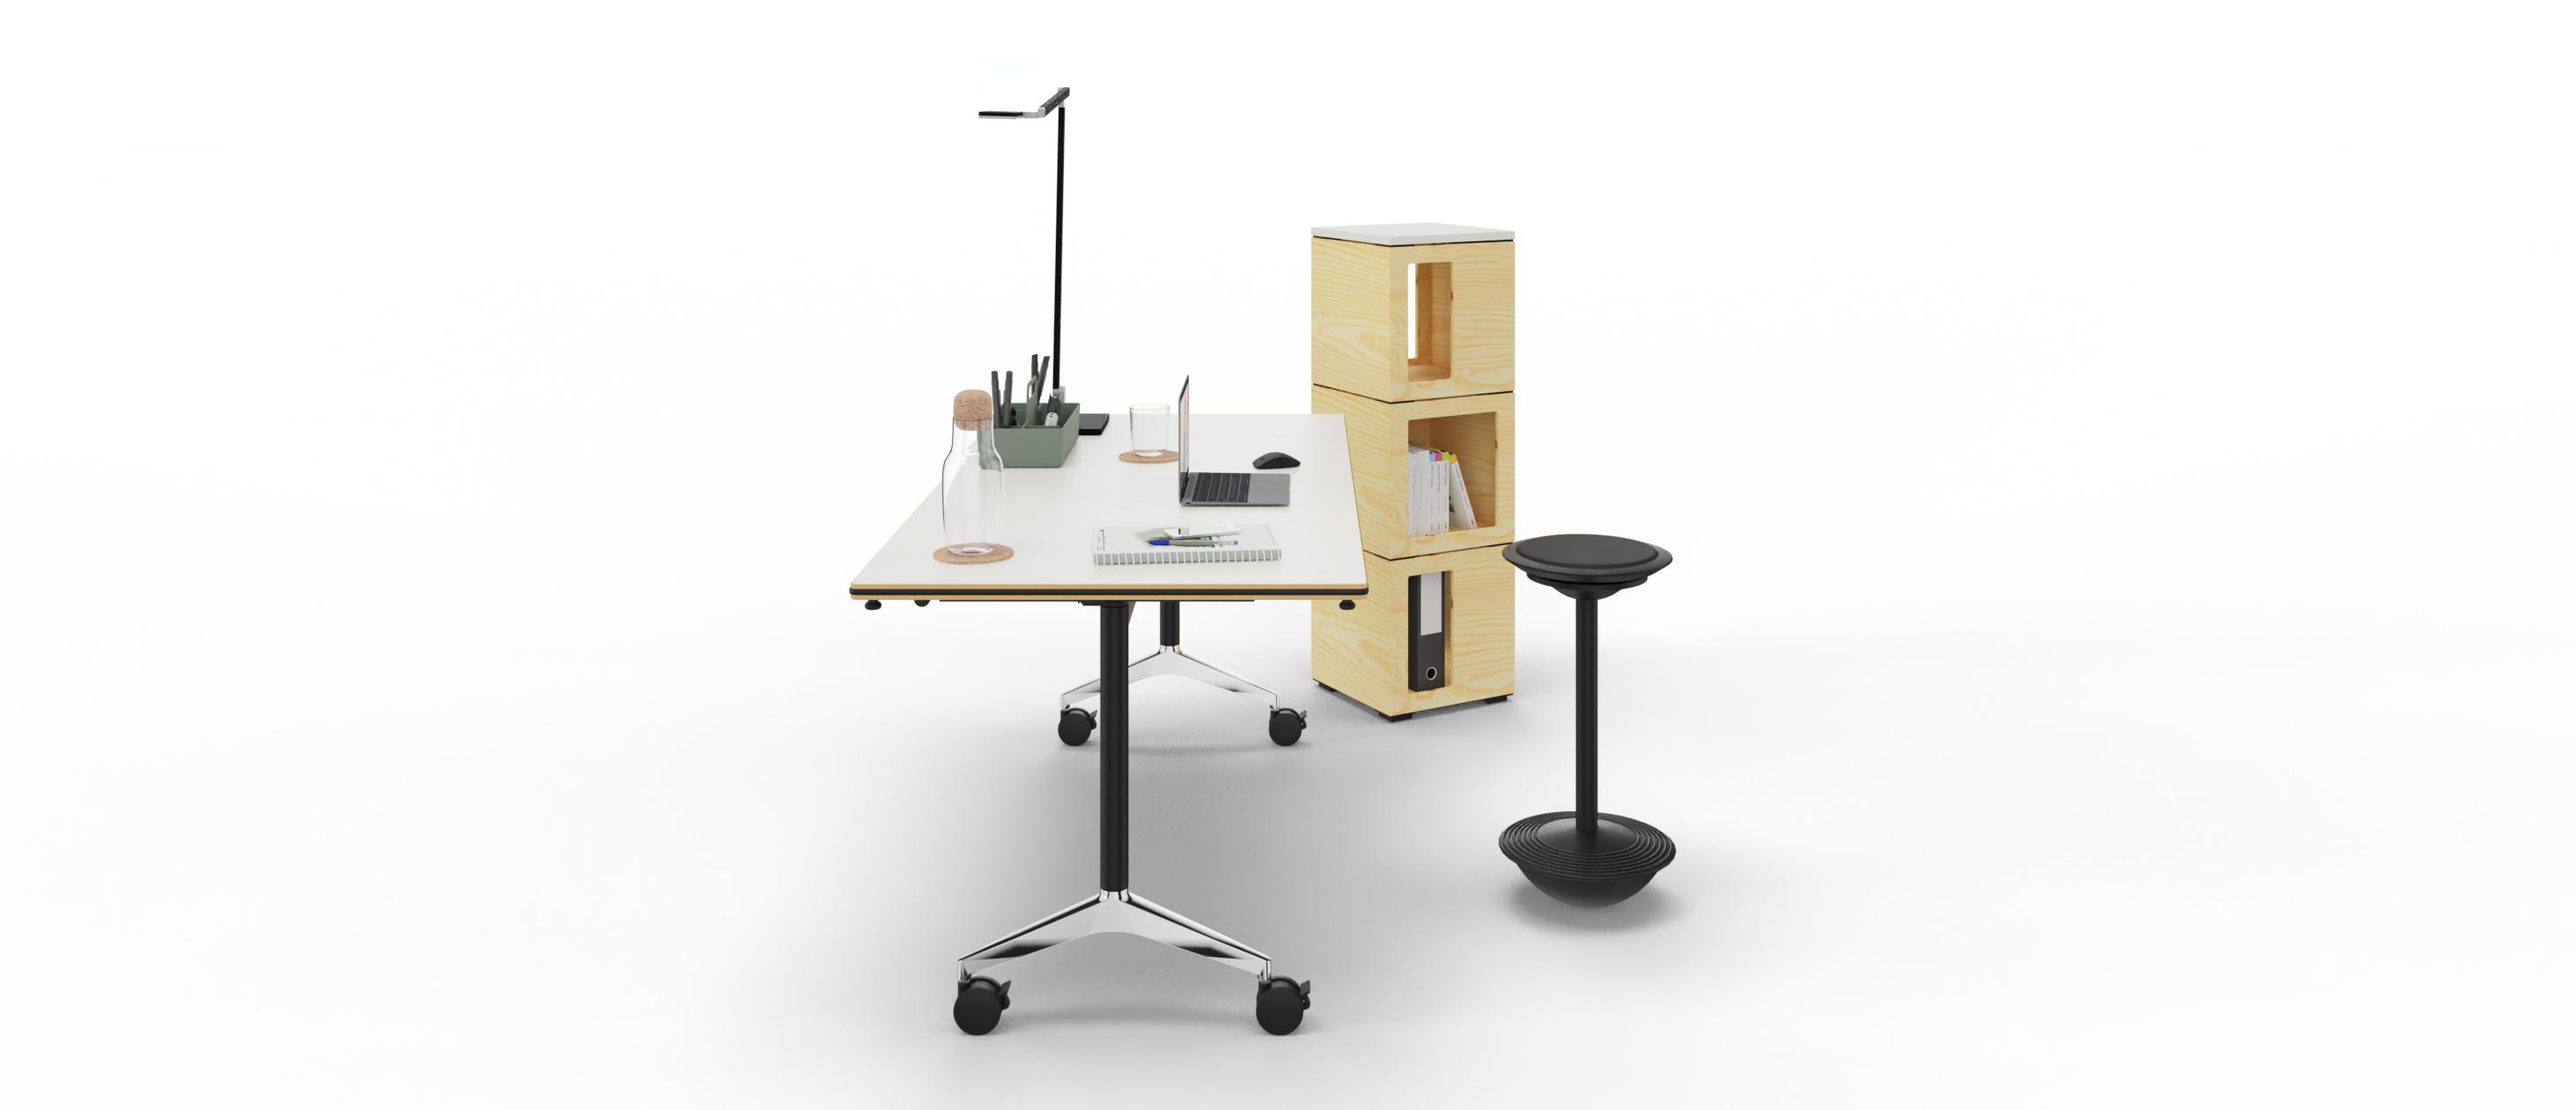 designfunktion-home-office-shop-produkt-paket-flexibel-m-2